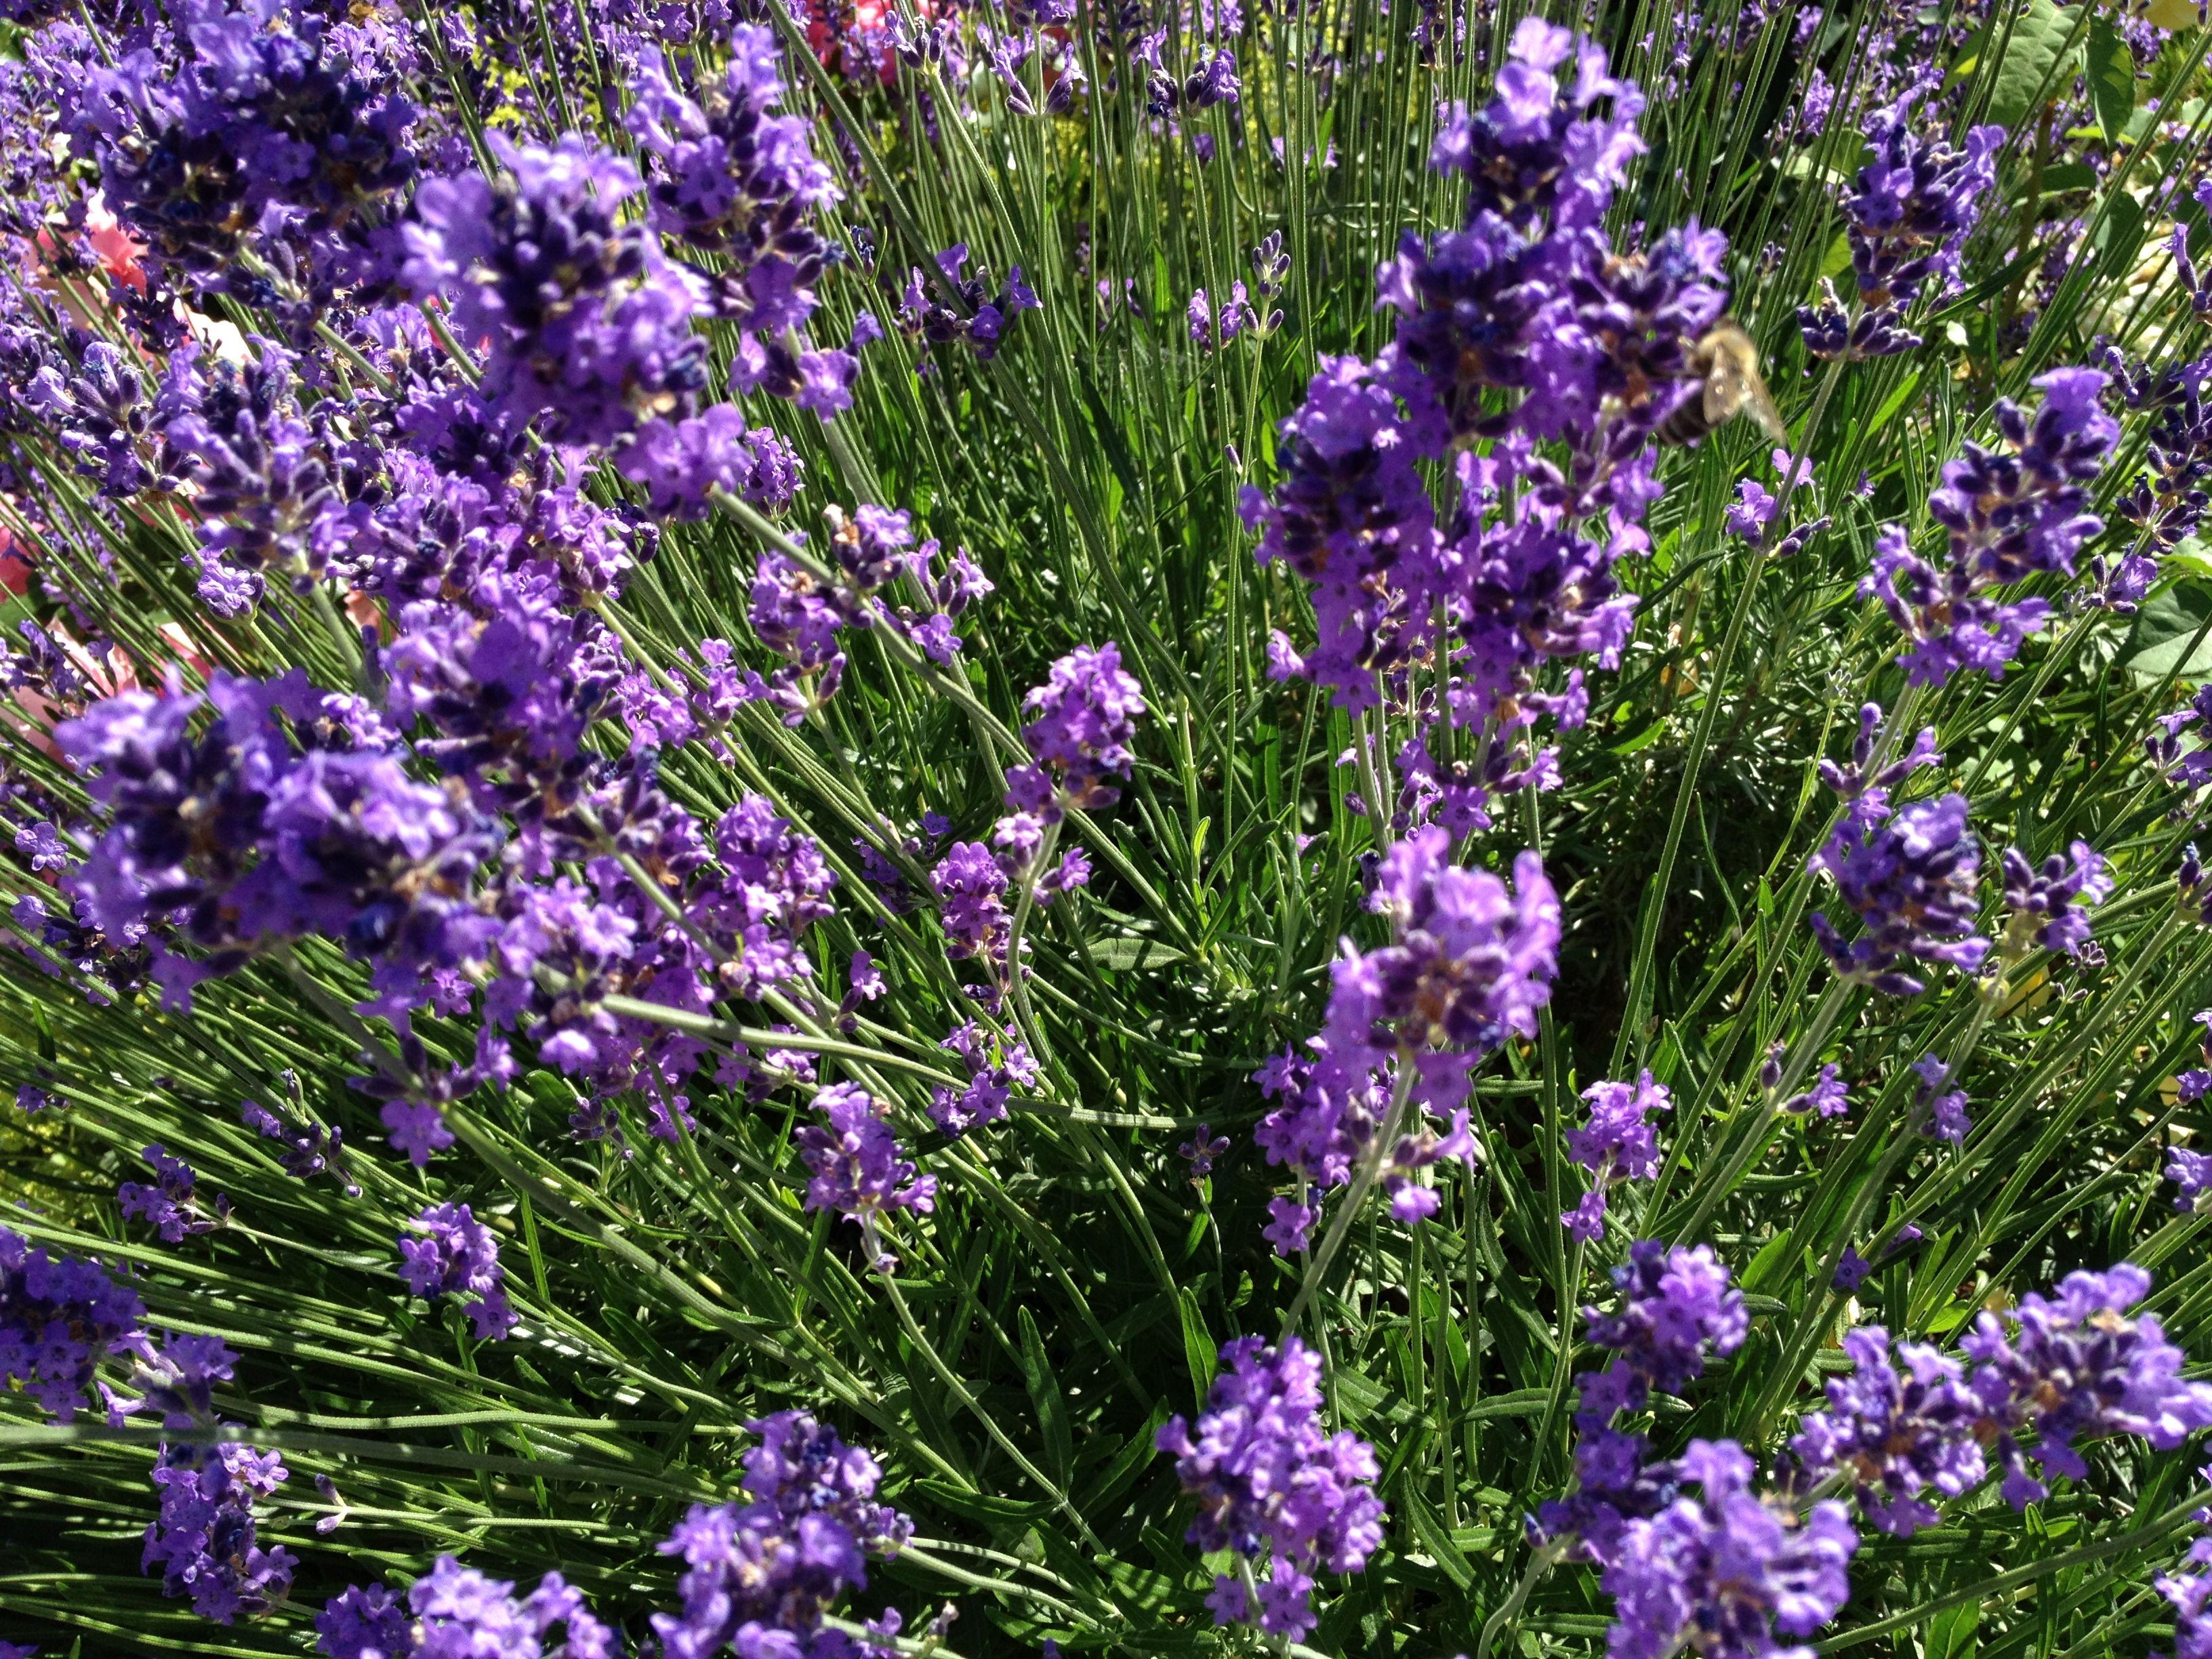 Lavendel Pflege Richtige Lavendel-pflege: Bei Beachtung Einiger ... Lavendel Pflanzen Tipps Pflege